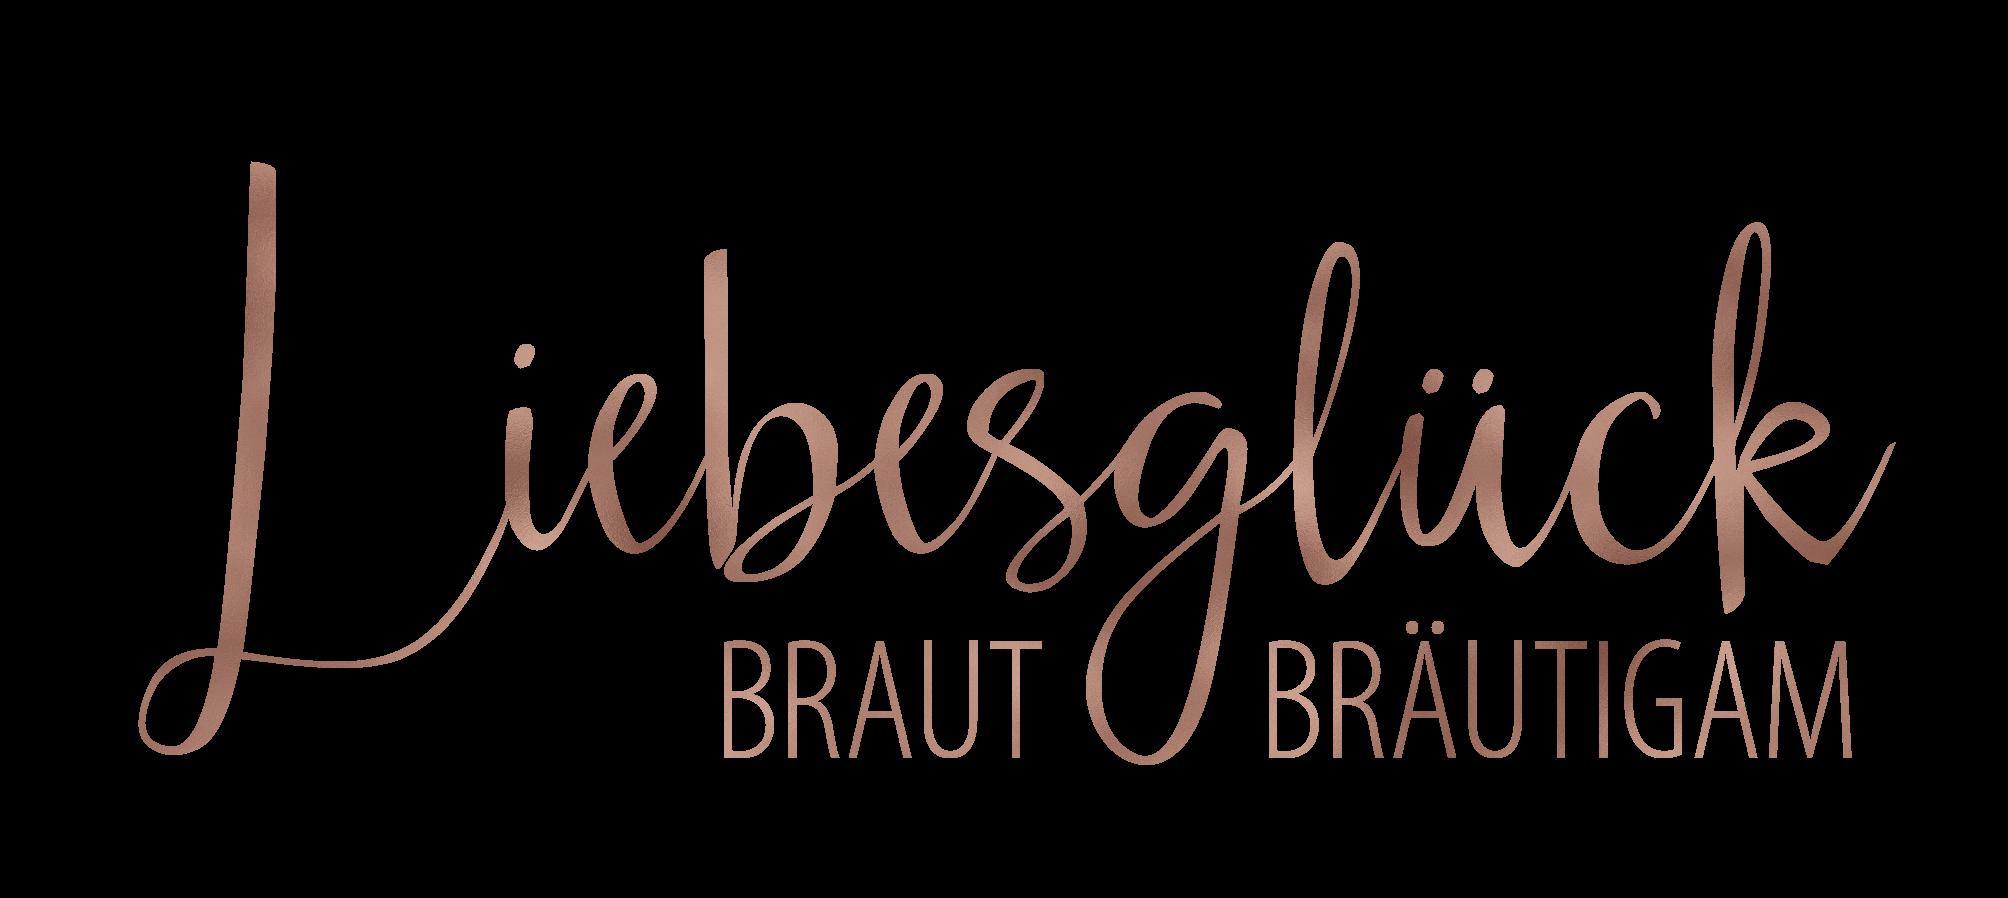 Liebesglück – Braut & Bräutigam | Höchberg bei Würzburg